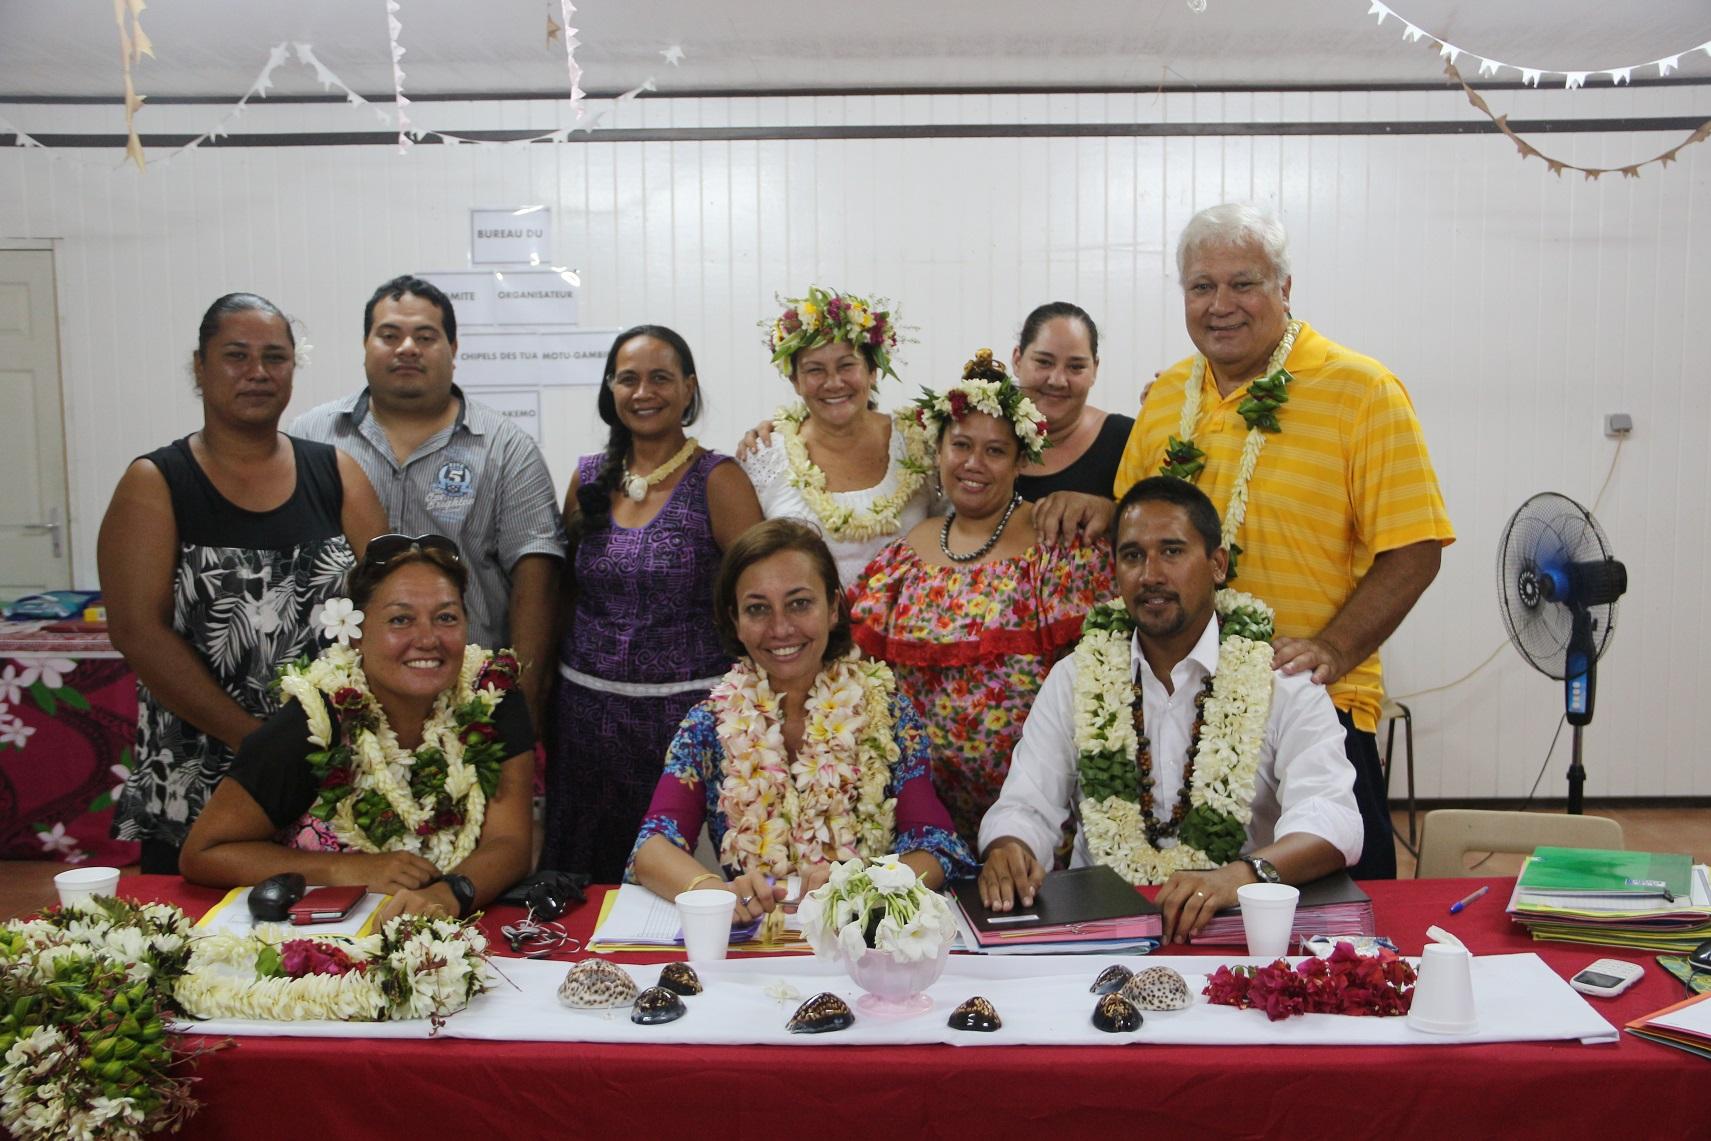 Le président du COL, Yves Nouveau, et la première adjointe au maire, Lydia Nouveau, en charge des jeux, ont interrogé la ministre sur les modalités d'organisation des Jeux inter-îles